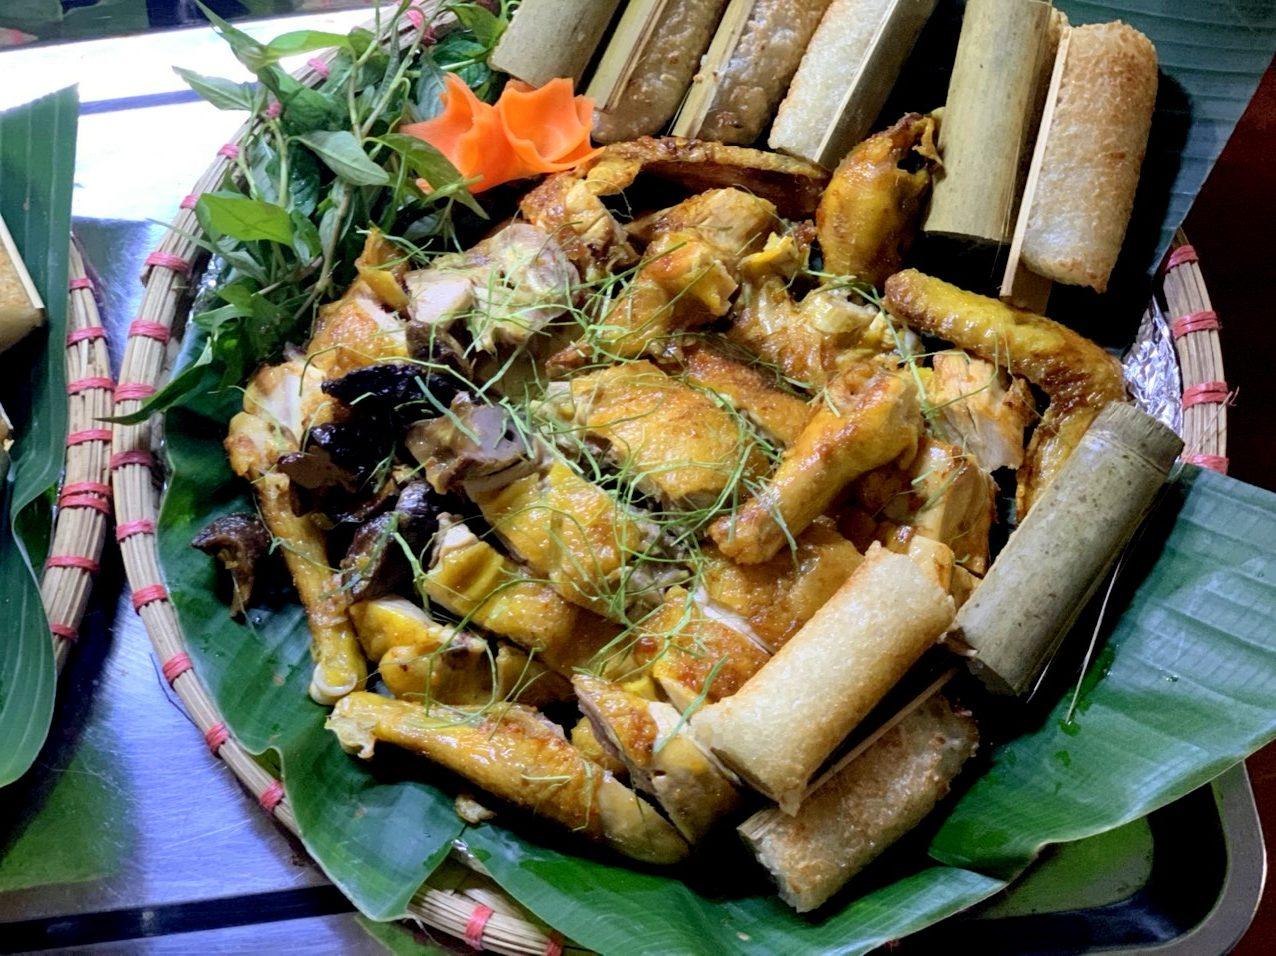 Review 21 nhà hàng quán ăn ngon Đắk Nông - Gia Nghĩa đáng thưởng thức